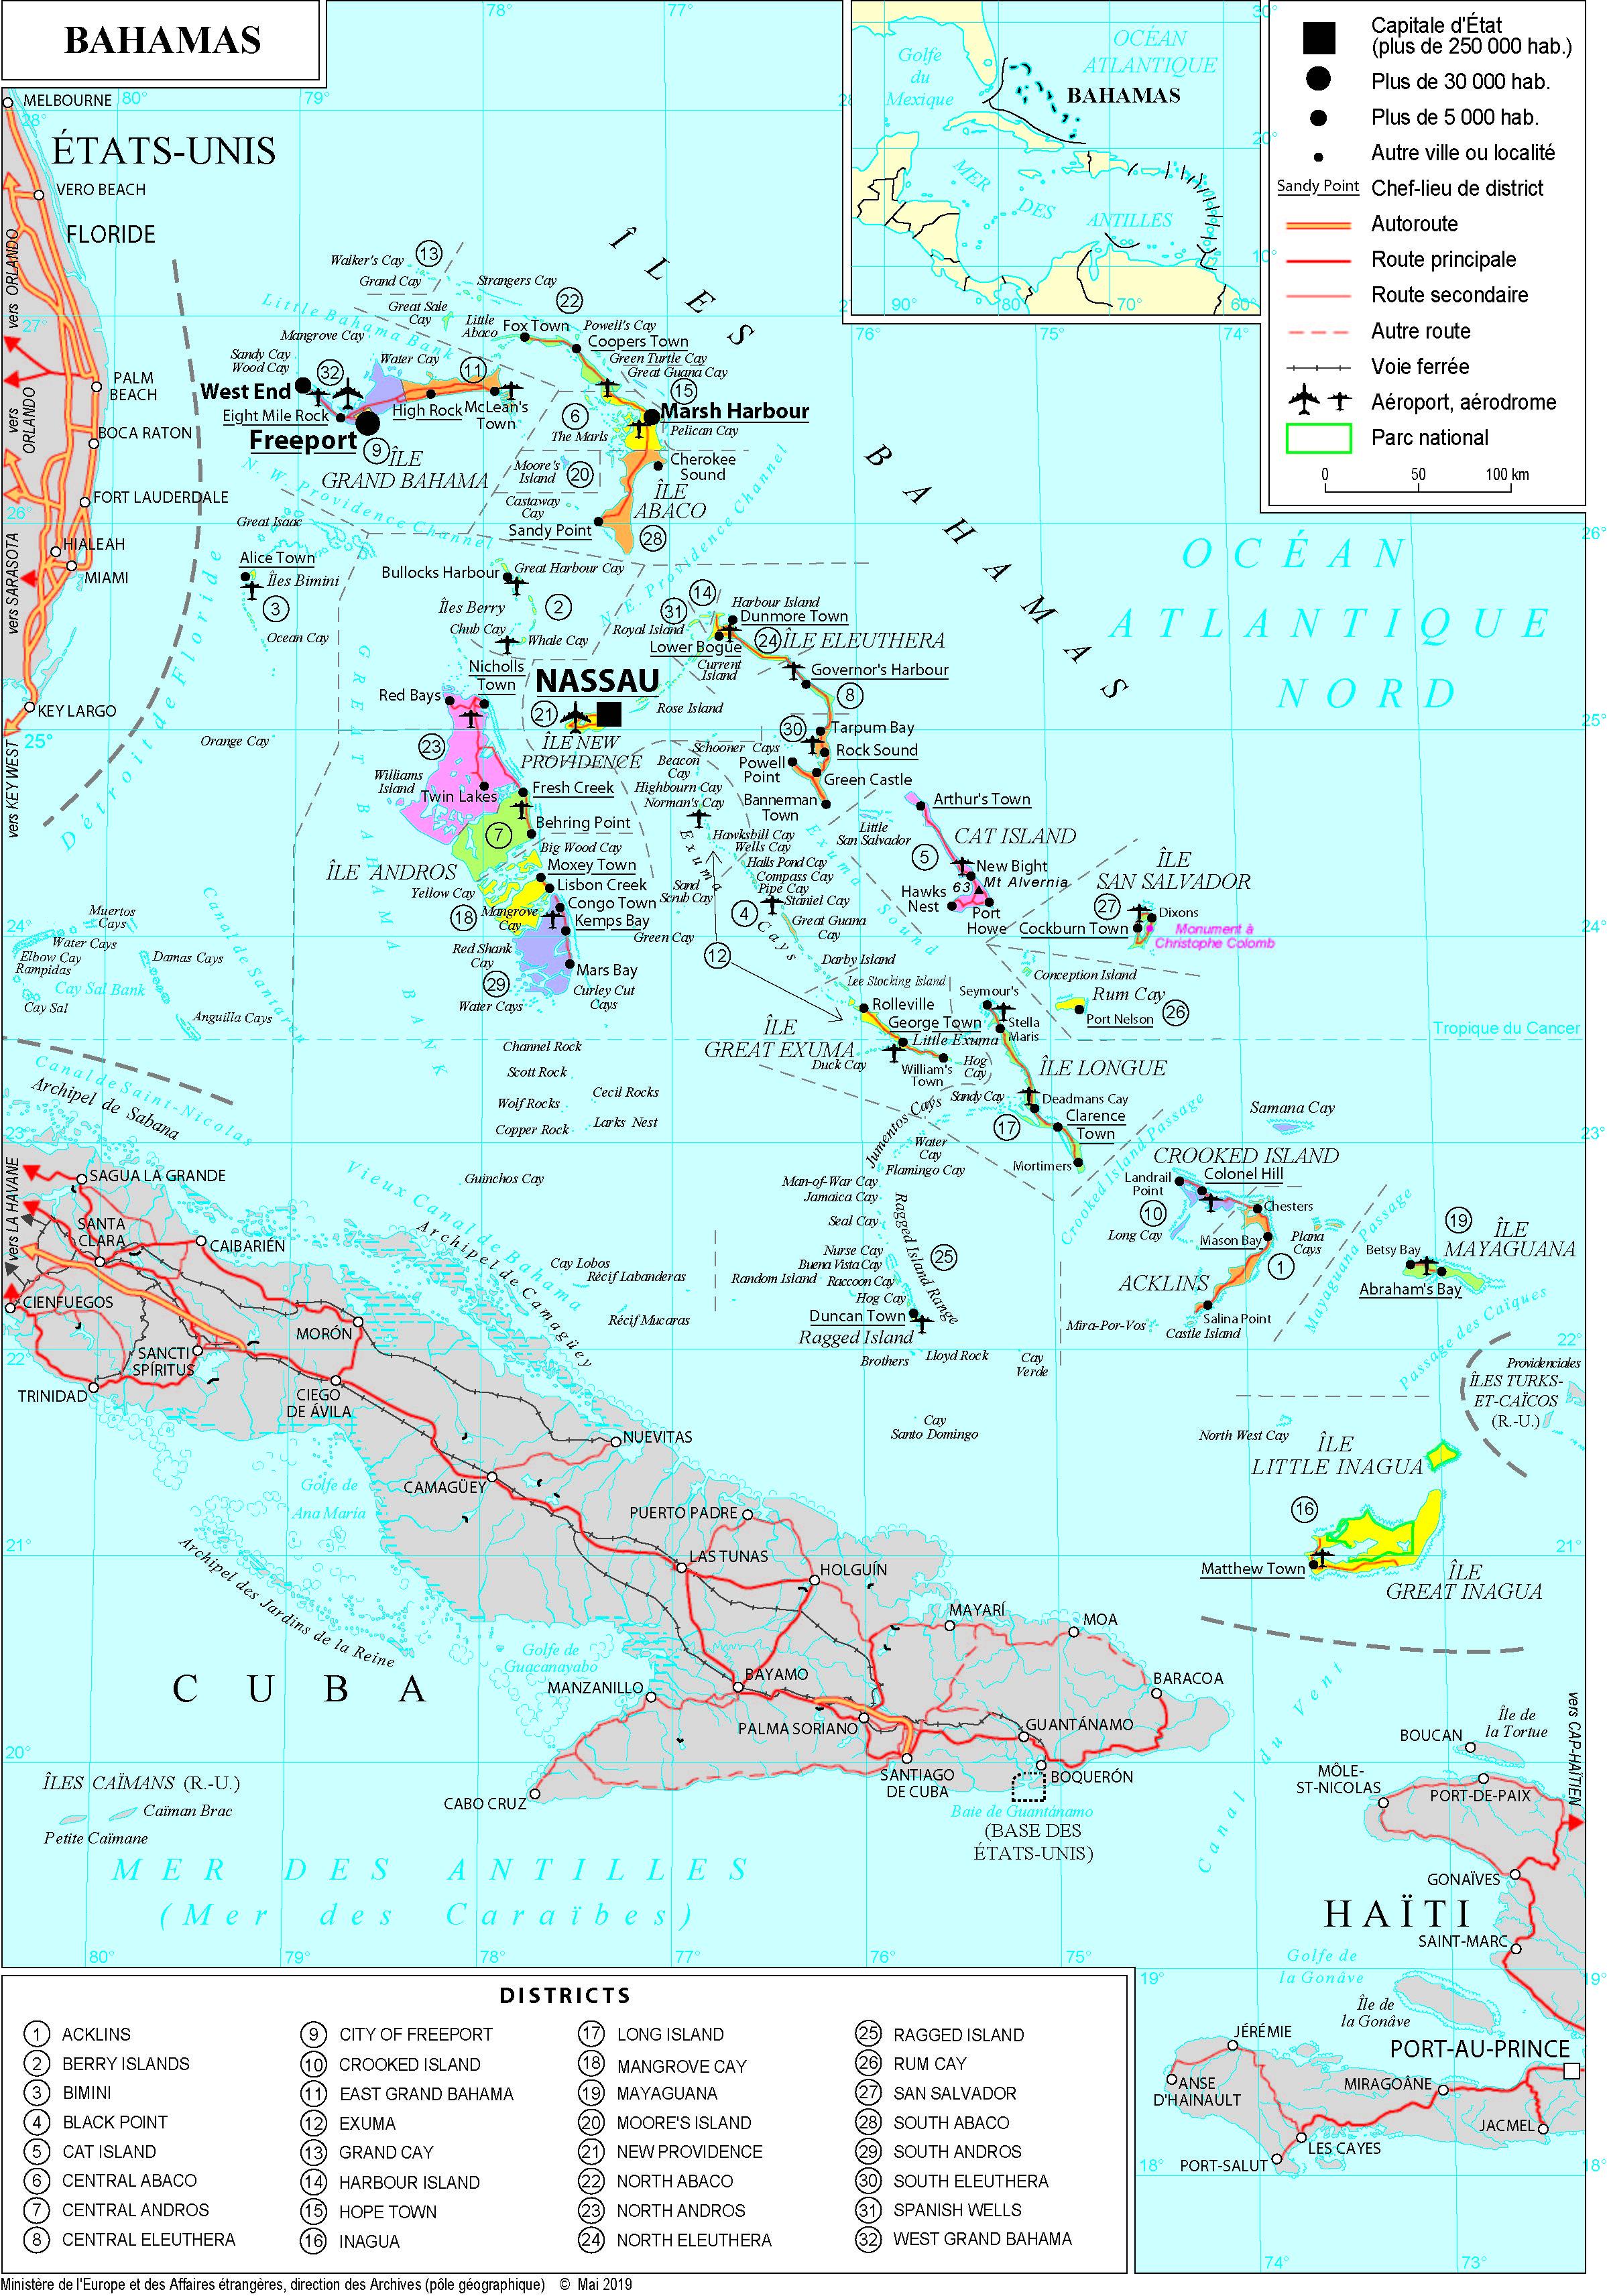 Carte Amerique Du Sud Pays Et Capitales Pdf.Amerique Cartes De A A H France Diplomatie Ministere De L